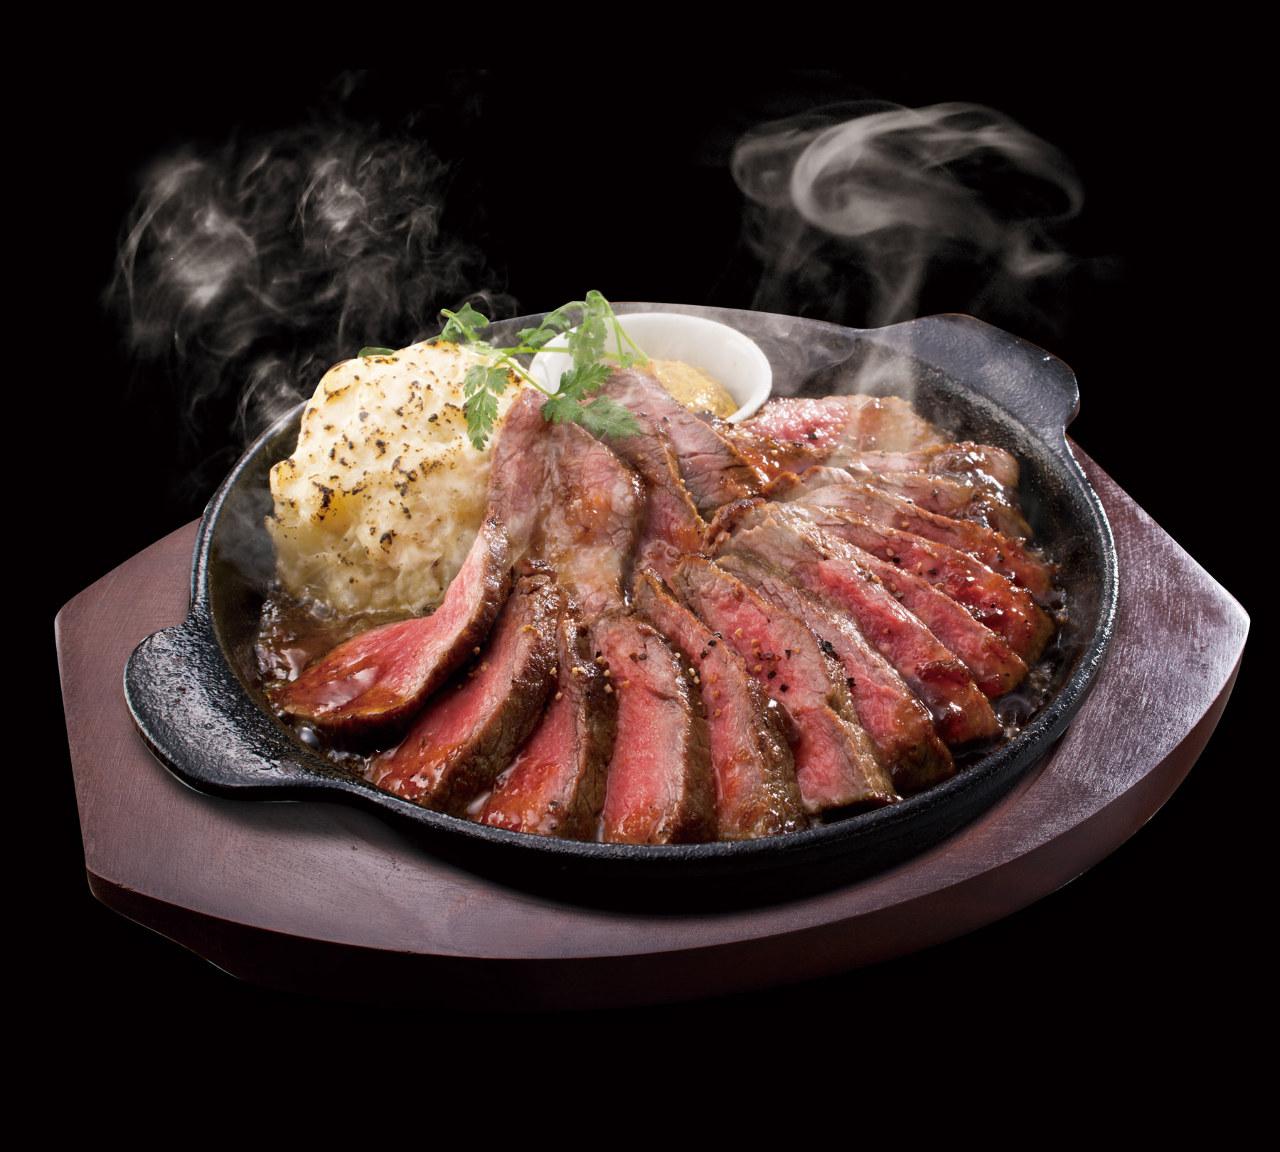 渋谷の居酒屋で肉メニューを食べる!